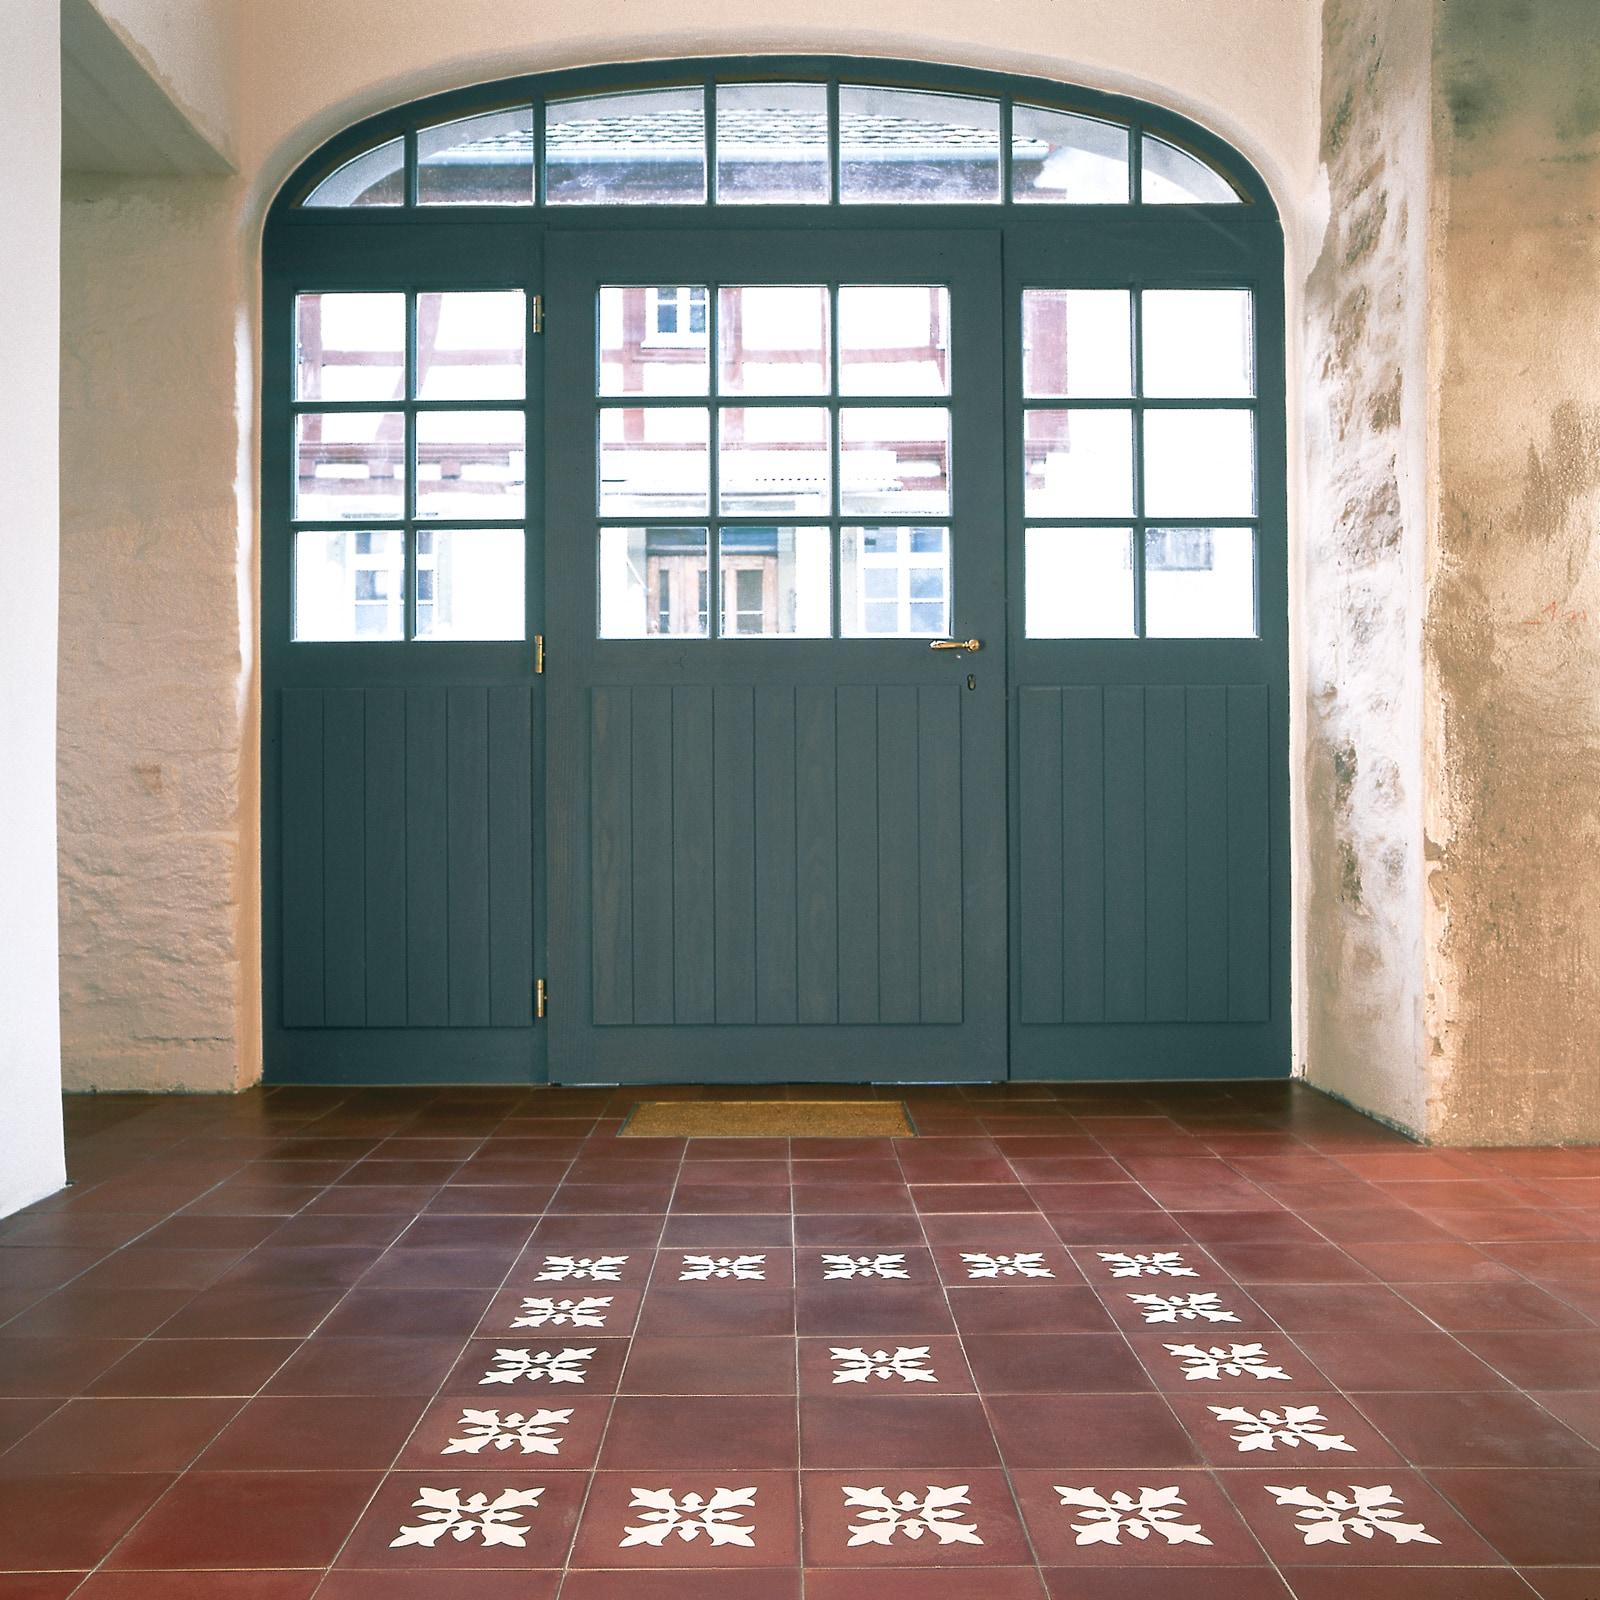 zementfliesen-VIA Zementmosaikplatten-nr.10934-eingang-viaplatten | 10934